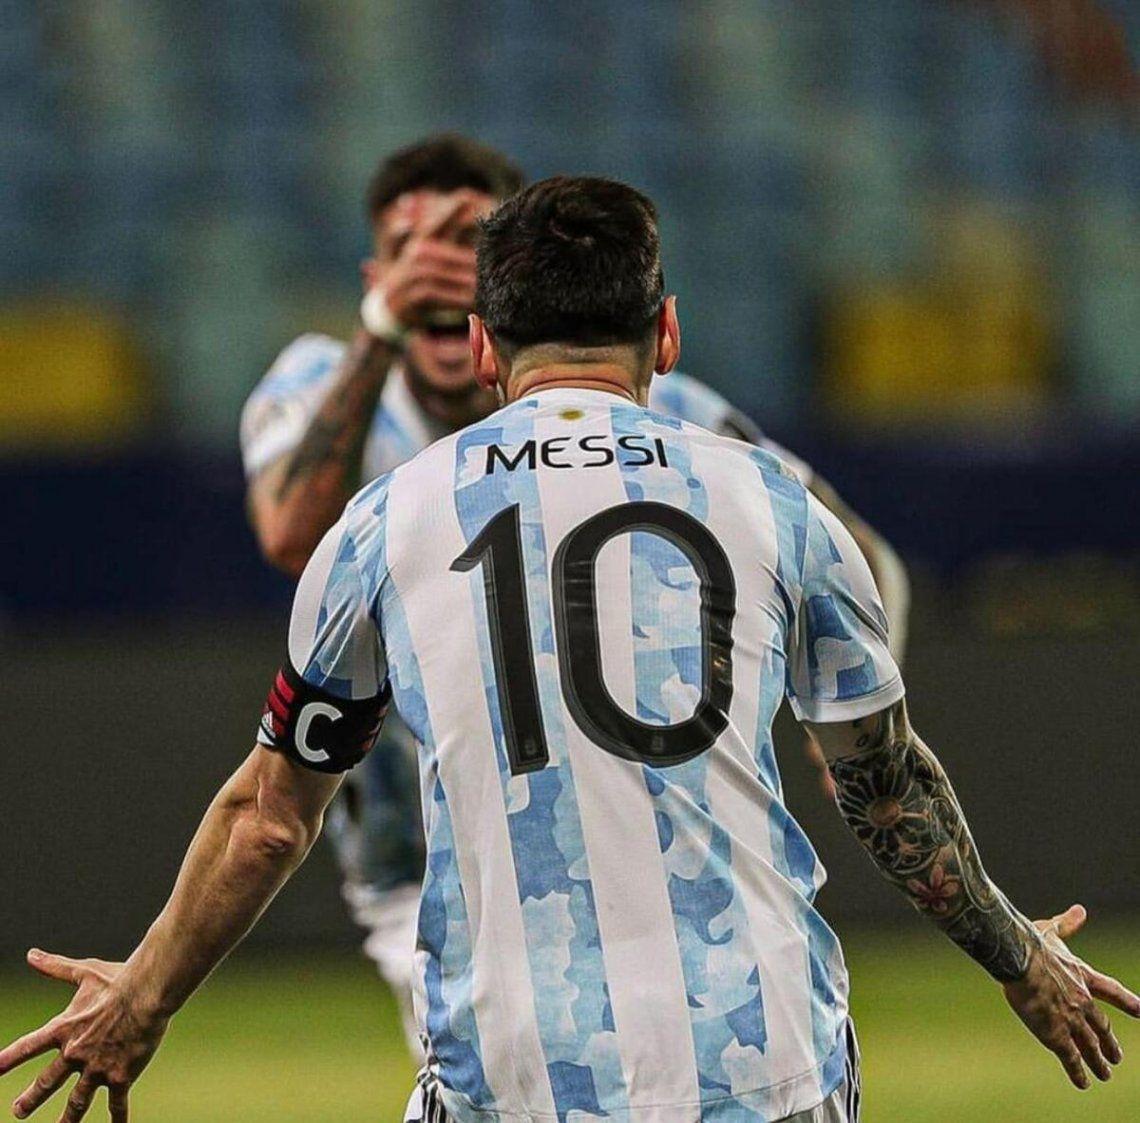 La selección de Messi se prepara para la sefiminal de la Copa América.